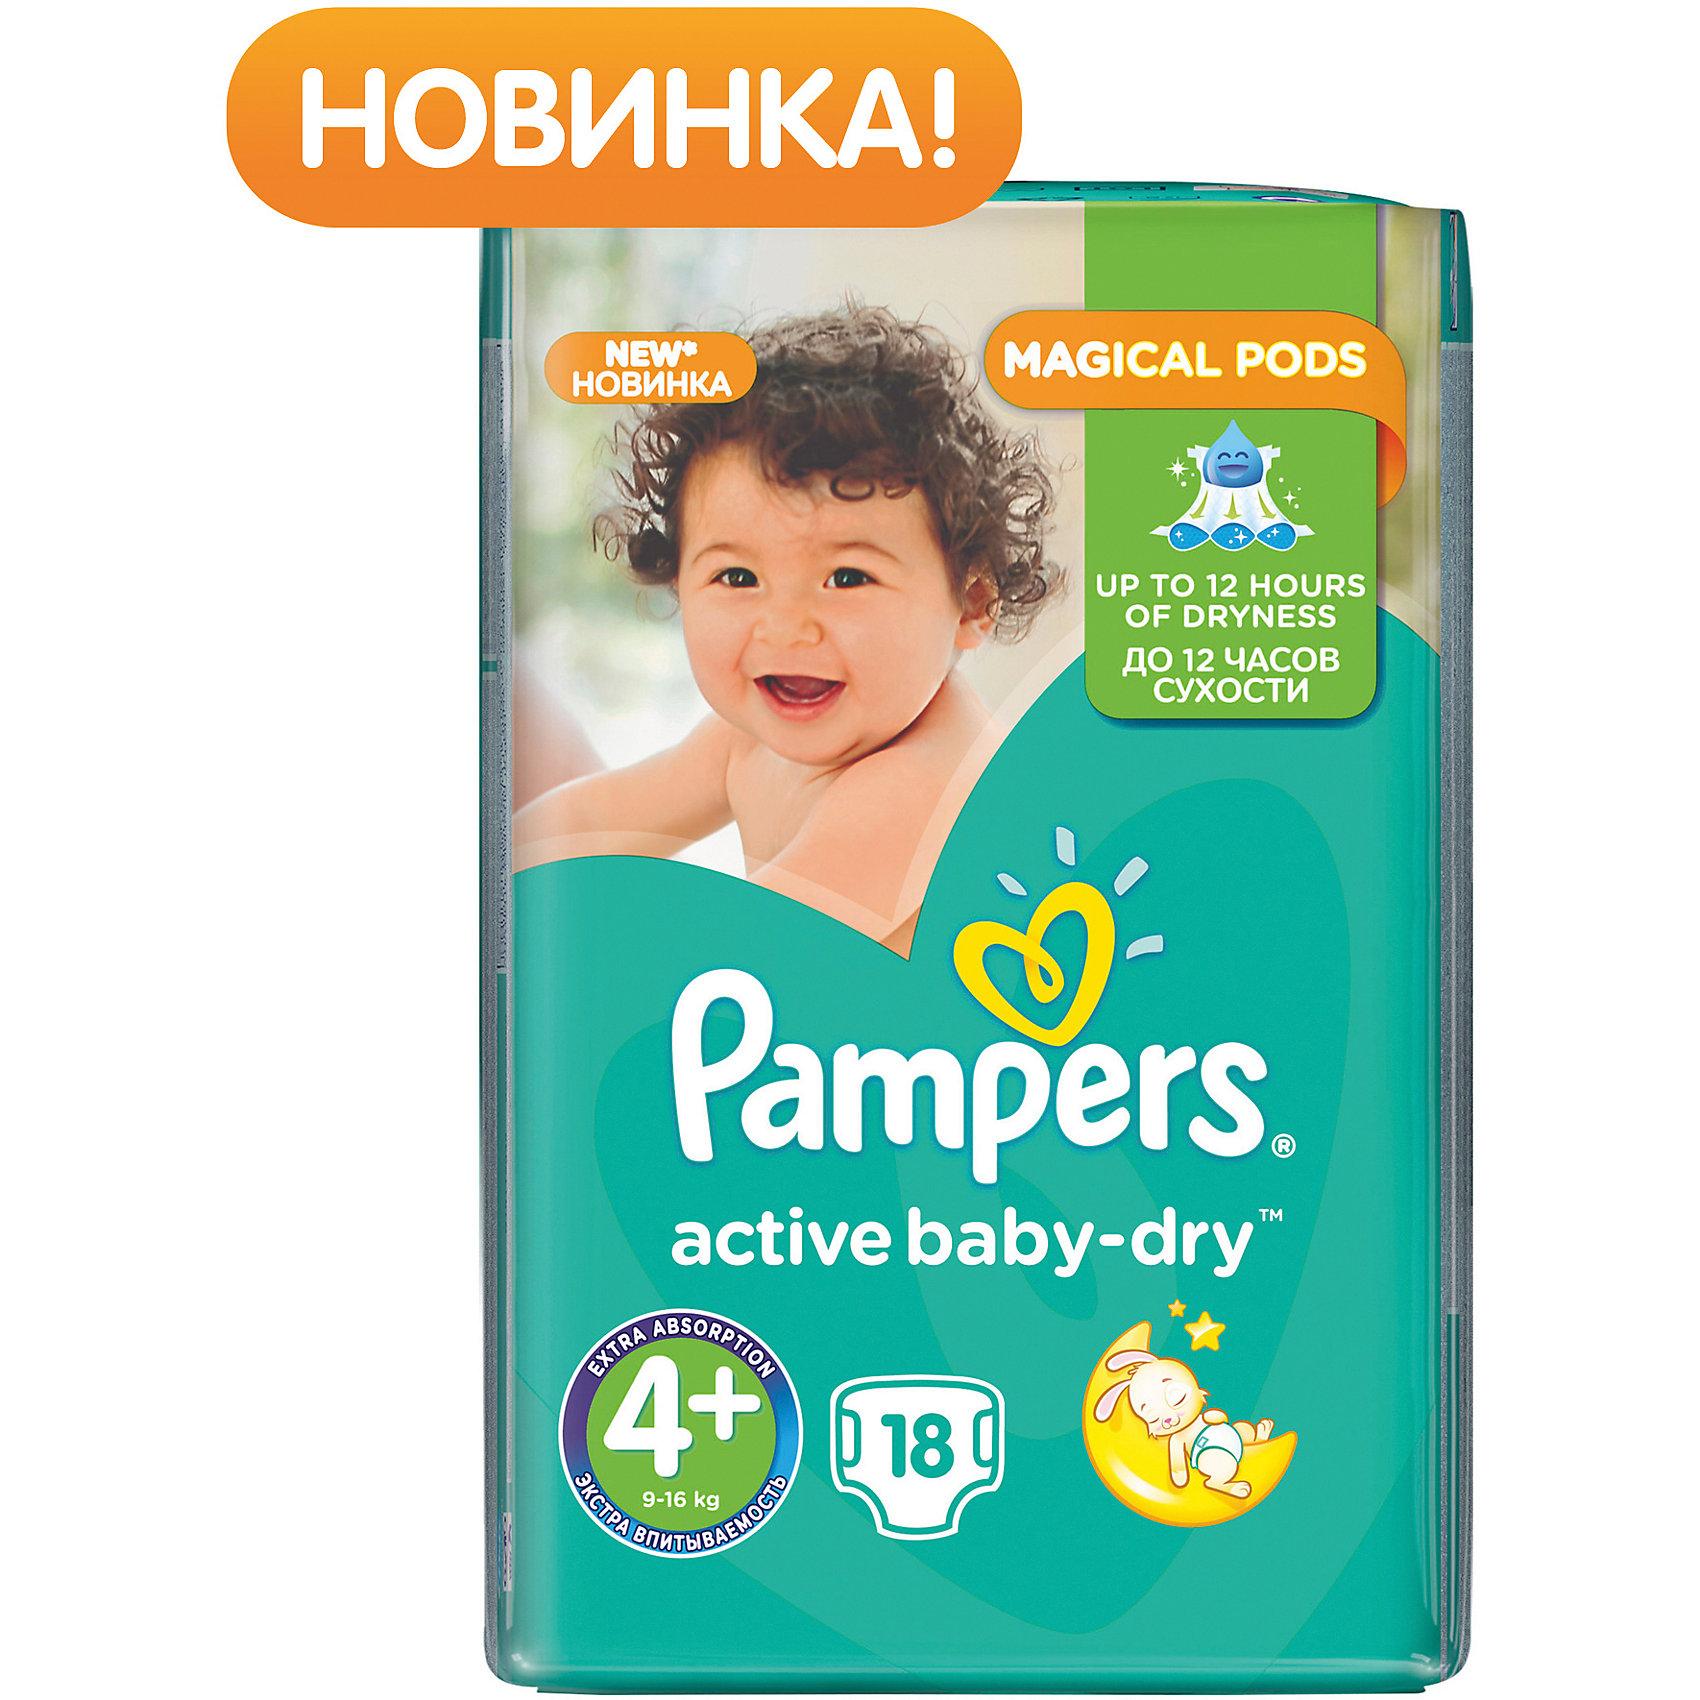 Подгузники Pampers Active Baby-Dry Maxi Plus, 9-16 кг., 18 шт.Подгузники Pampers Active Baby-Dry Maxi Plus (Памперс актив беби драй), 9-16 кг., 18 шт.          <br><br>Характеристики:<br><br>• 3 впитывающих канала равномерно распределяют влагу по всему подгузнику<br>• быстро впитывают влагу, не позволяя ей соприкасаться с кожей<br>• пропитка внутреннего слоя обладает антивоспалительным действием<br>• эластичные двойные бортики защищают от протеканий<br>• размер: 8-14 кг<br>• количество: 18 шт.<br>• размер упаковки: 21,8х11,6х16,3 см<br>• вес: 515 грамм<br><br>Ваш малыш активно познает мир. А чтобы ничто не могло помешать юному исследователю, нужно обеспечить ему комфорт. В подгузниках Pampers Active Baby-Dry Maxi кроха с радостью будет играть, ведь они подарят ему сухость в течение 12 часов. 3 впитывающих канала подгузников равномерно распределяют влагу, а мягкий слой быстро впитывает, не позволяя влаге соприкасаться с кожей. Эластичные двойные бортики очень удобны при использовании, кроме того, они дополнительно защищают подгузники от протеканий. Внутренний слой пропитан специальным бальзамом, оказывающим противовоспалительное действие.<br><br>Подгузники Pampers Active Baby-Dry Maxi Plus (Памперс актив беби драй), 9-16 кг., 18 шт. вы можете купить в нашем интернет-магазине.<br><br>Ширина мм: 163<br>Глубина мм: 116<br>Высота мм: 218<br>Вес г: 515<br>Возраст от месяцев: 6<br>Возраст до месяцев: 36<br>Пол: Унисекс<br>Возраст: Детский<br>SKU: 5422931